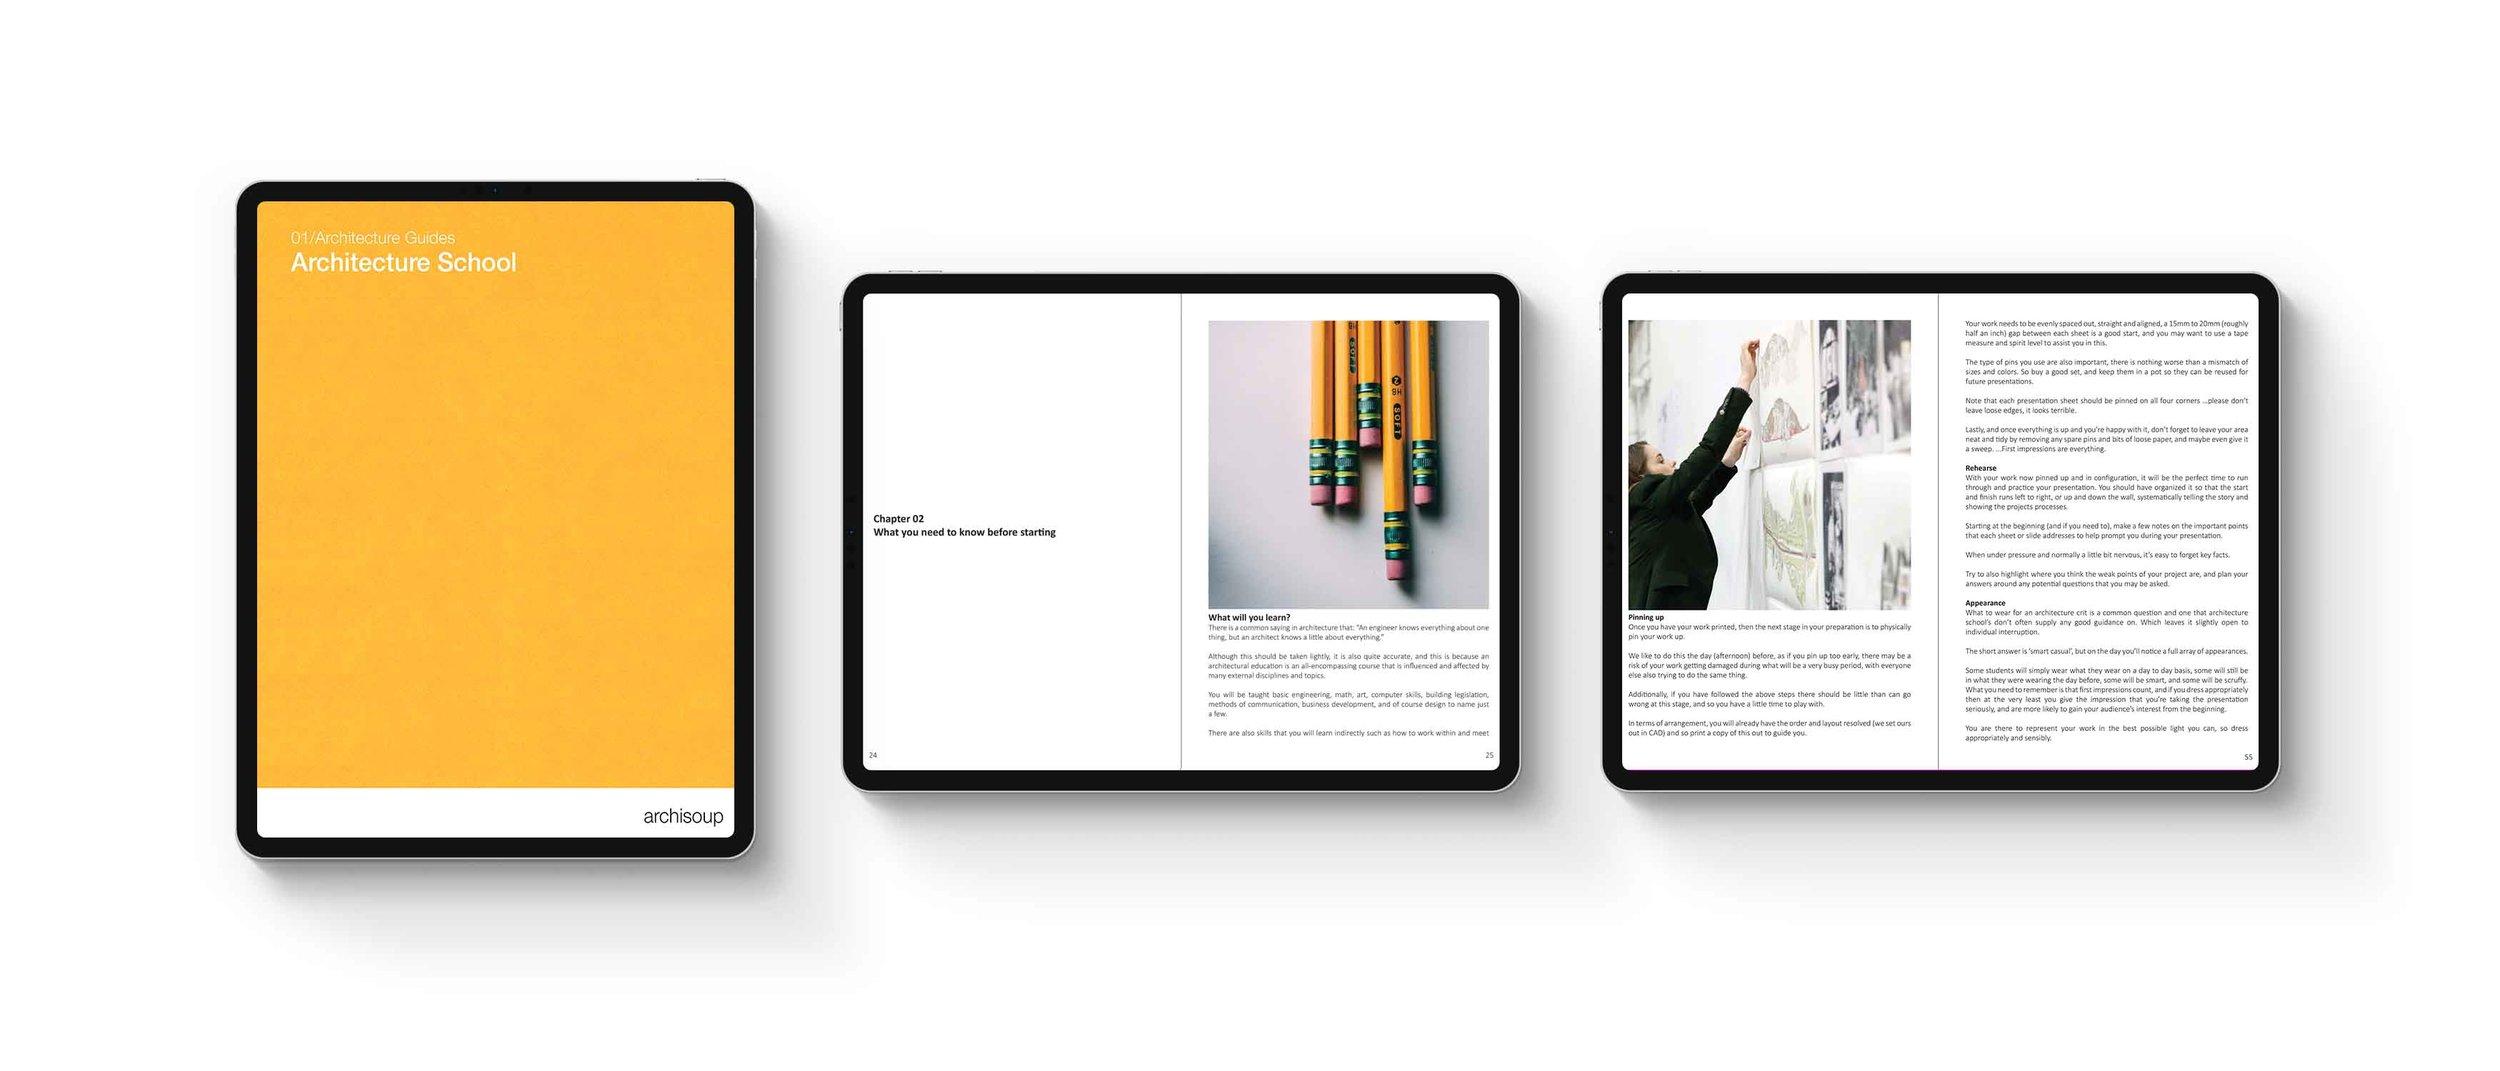 Architecture School Handbook